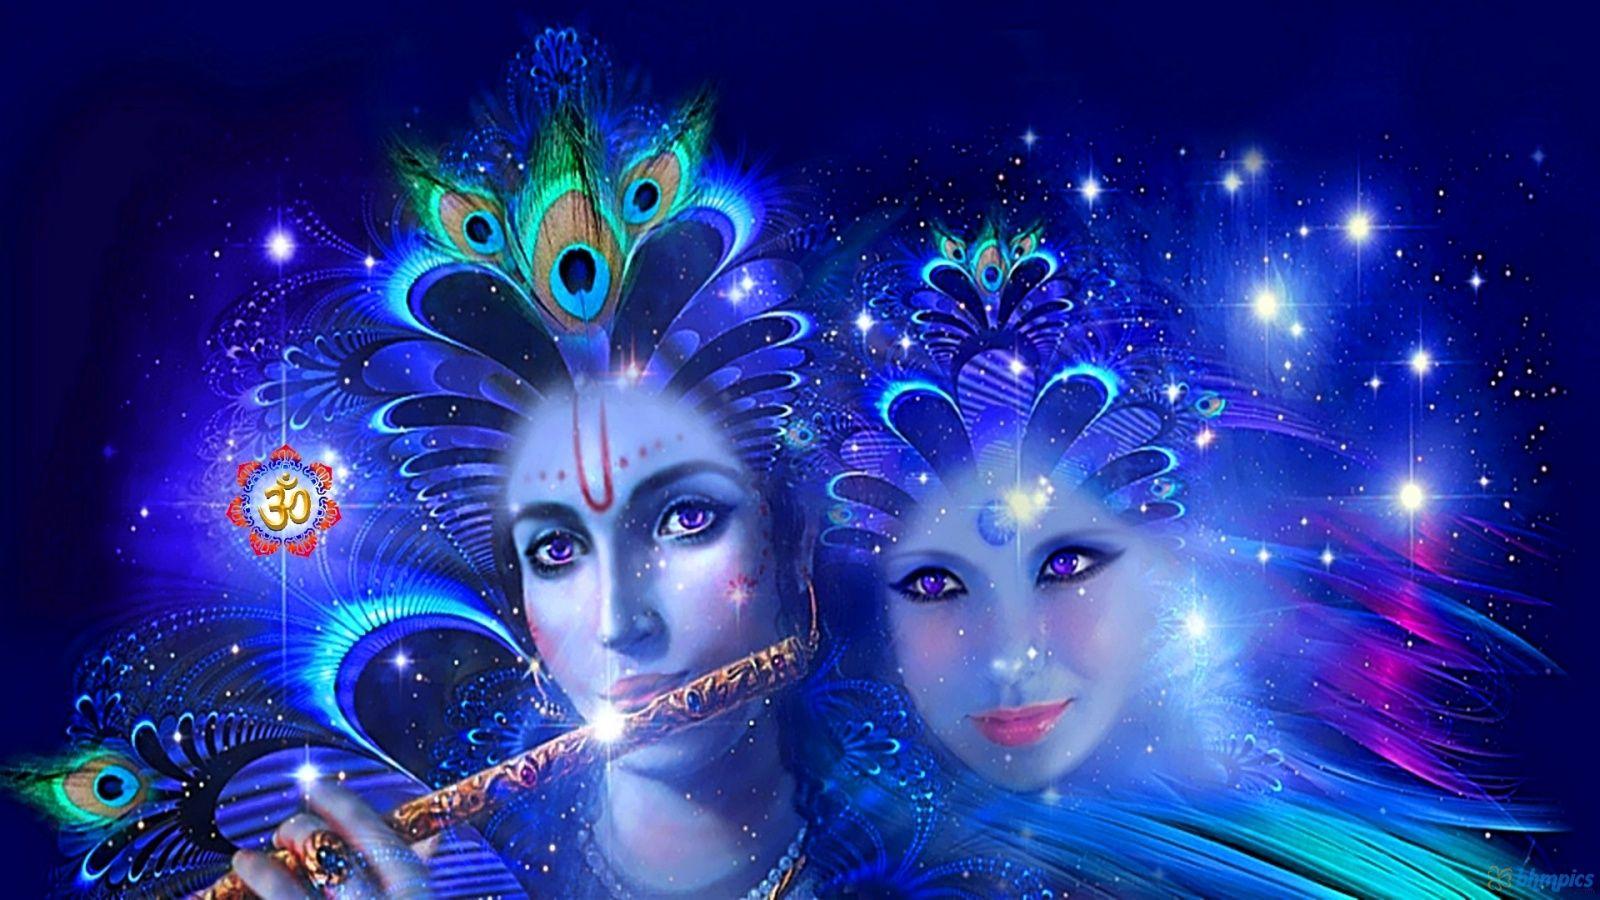 Image Result For 3d Images Krishna Wallpaper Lord Krishna Hd Wallpaper Radha Krishna Wallpaper